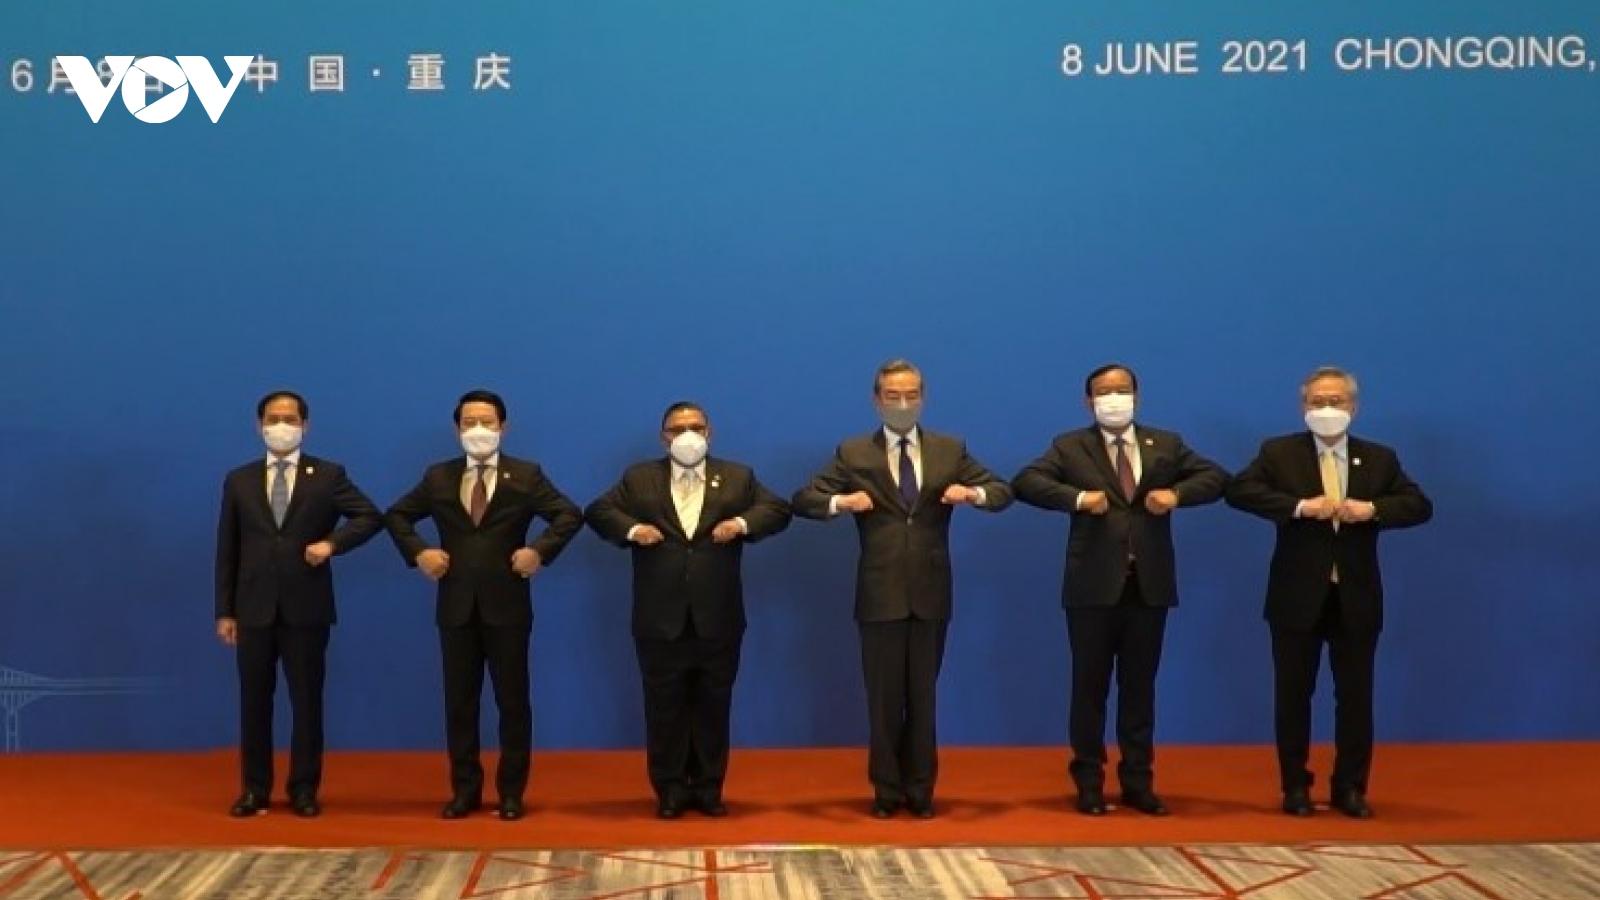 Hội nghị Bộ trưởng Ngoại giao Mê Công – Lan Thương lần thứ 6